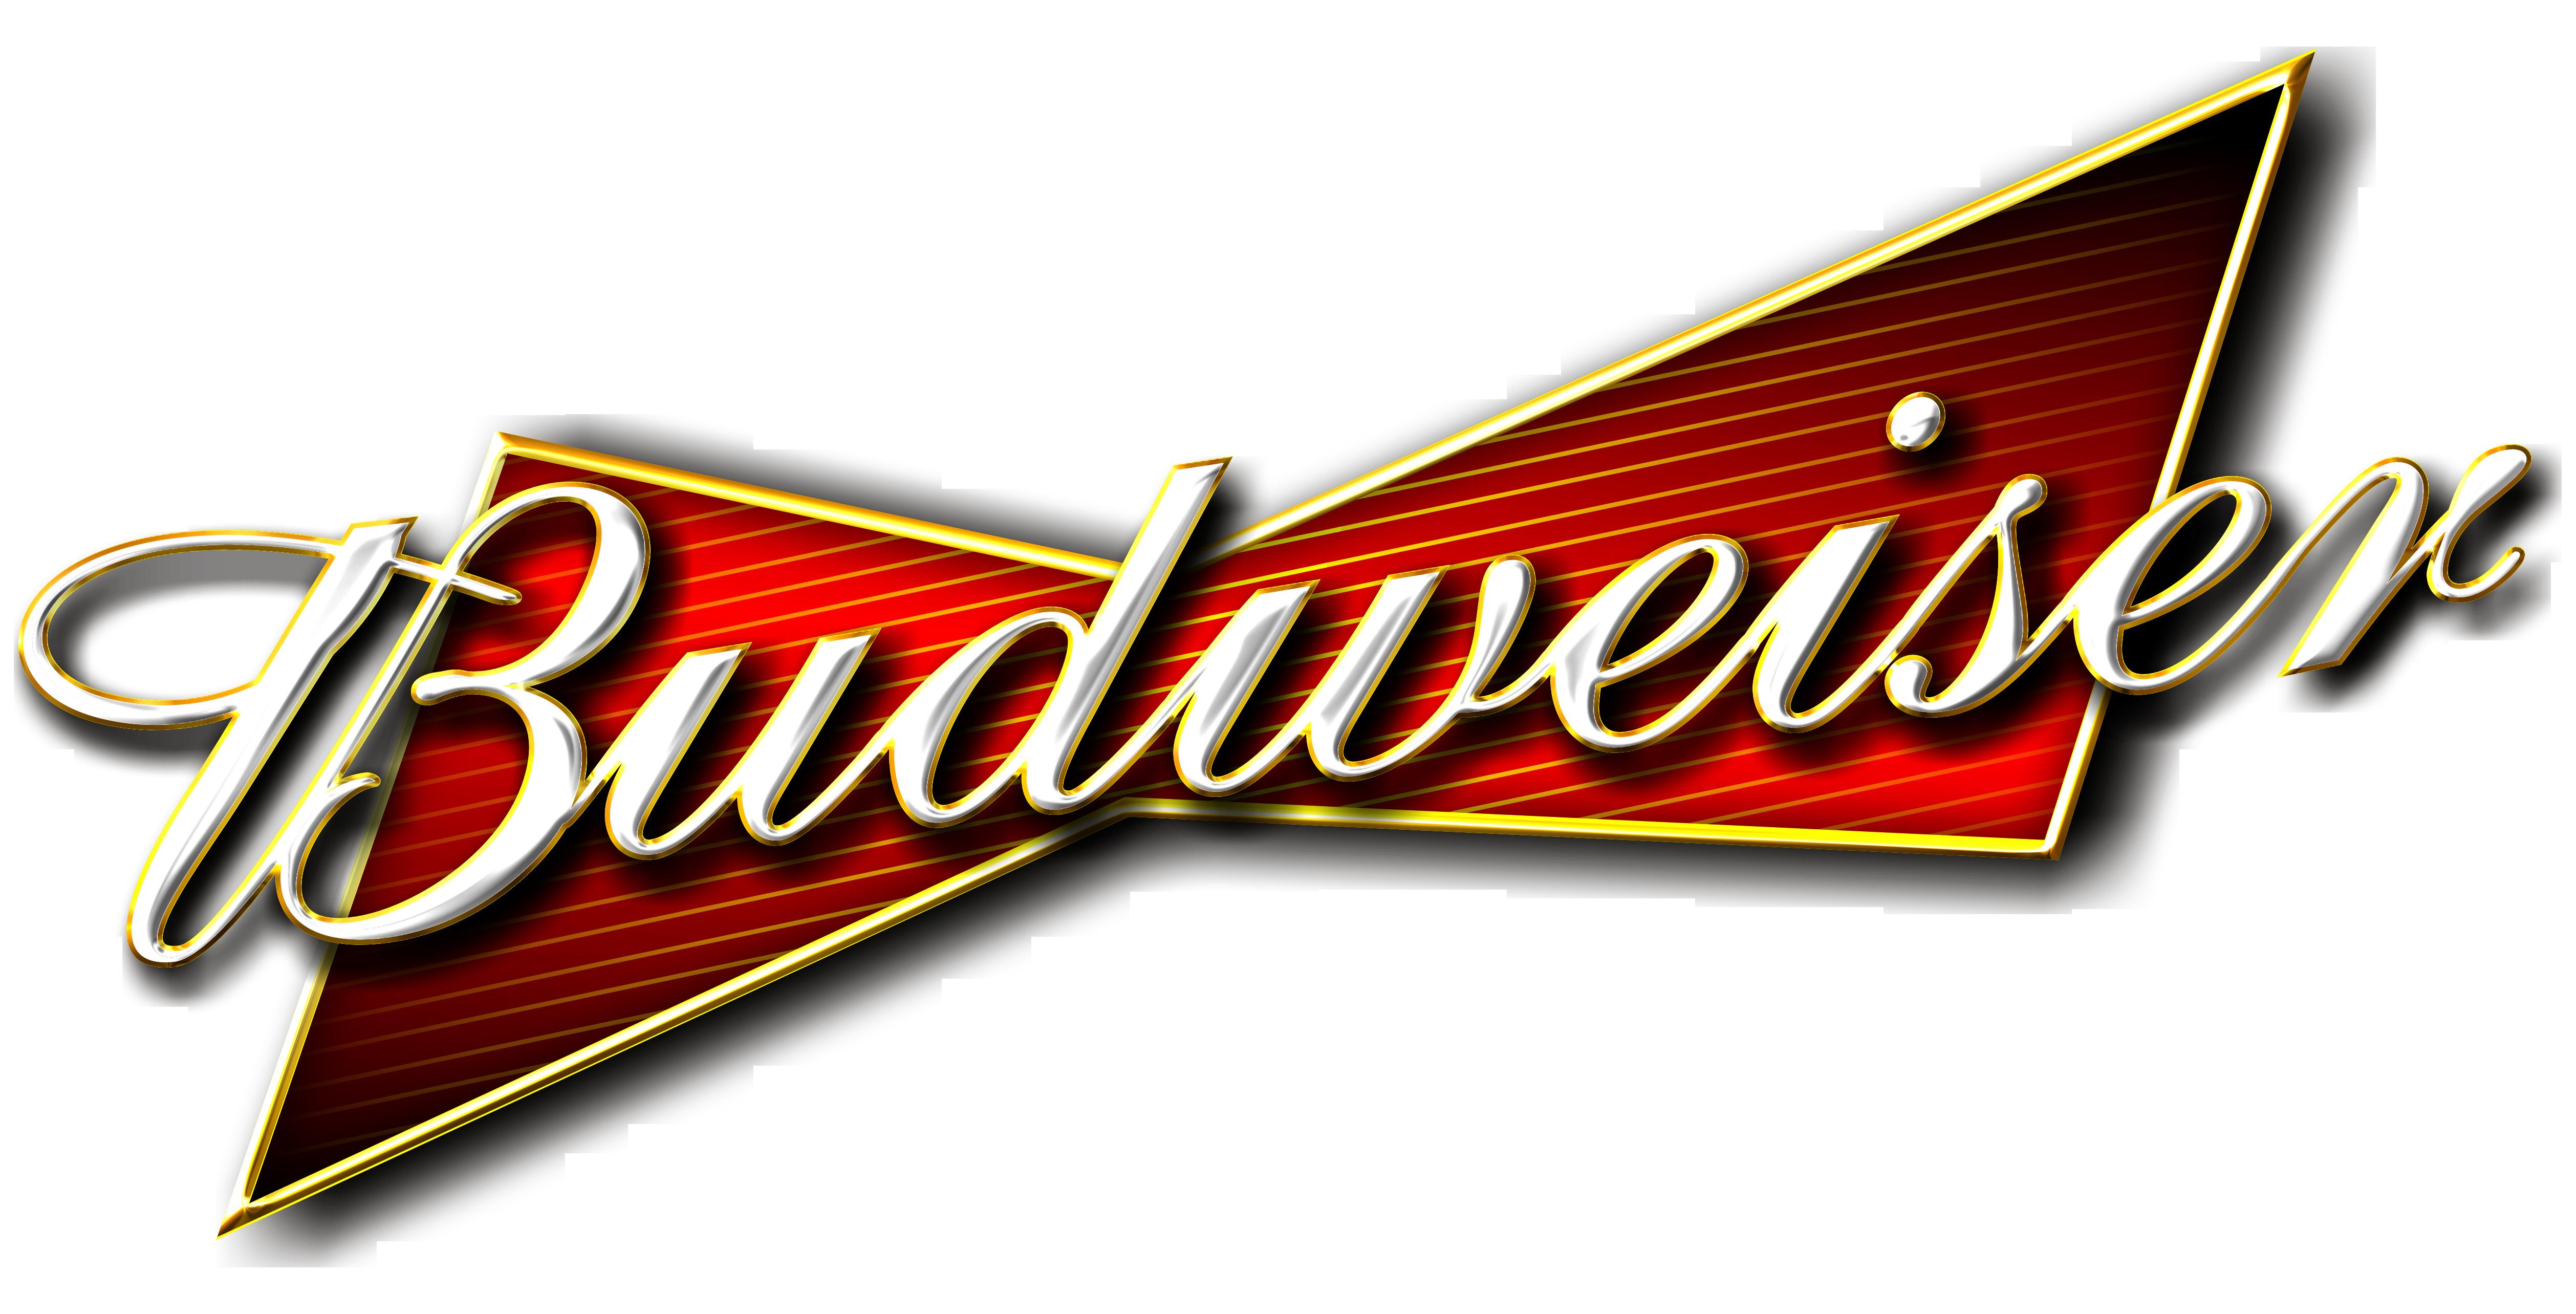 Budweiser logo hd png 1504 Free Transparent PNG Logos